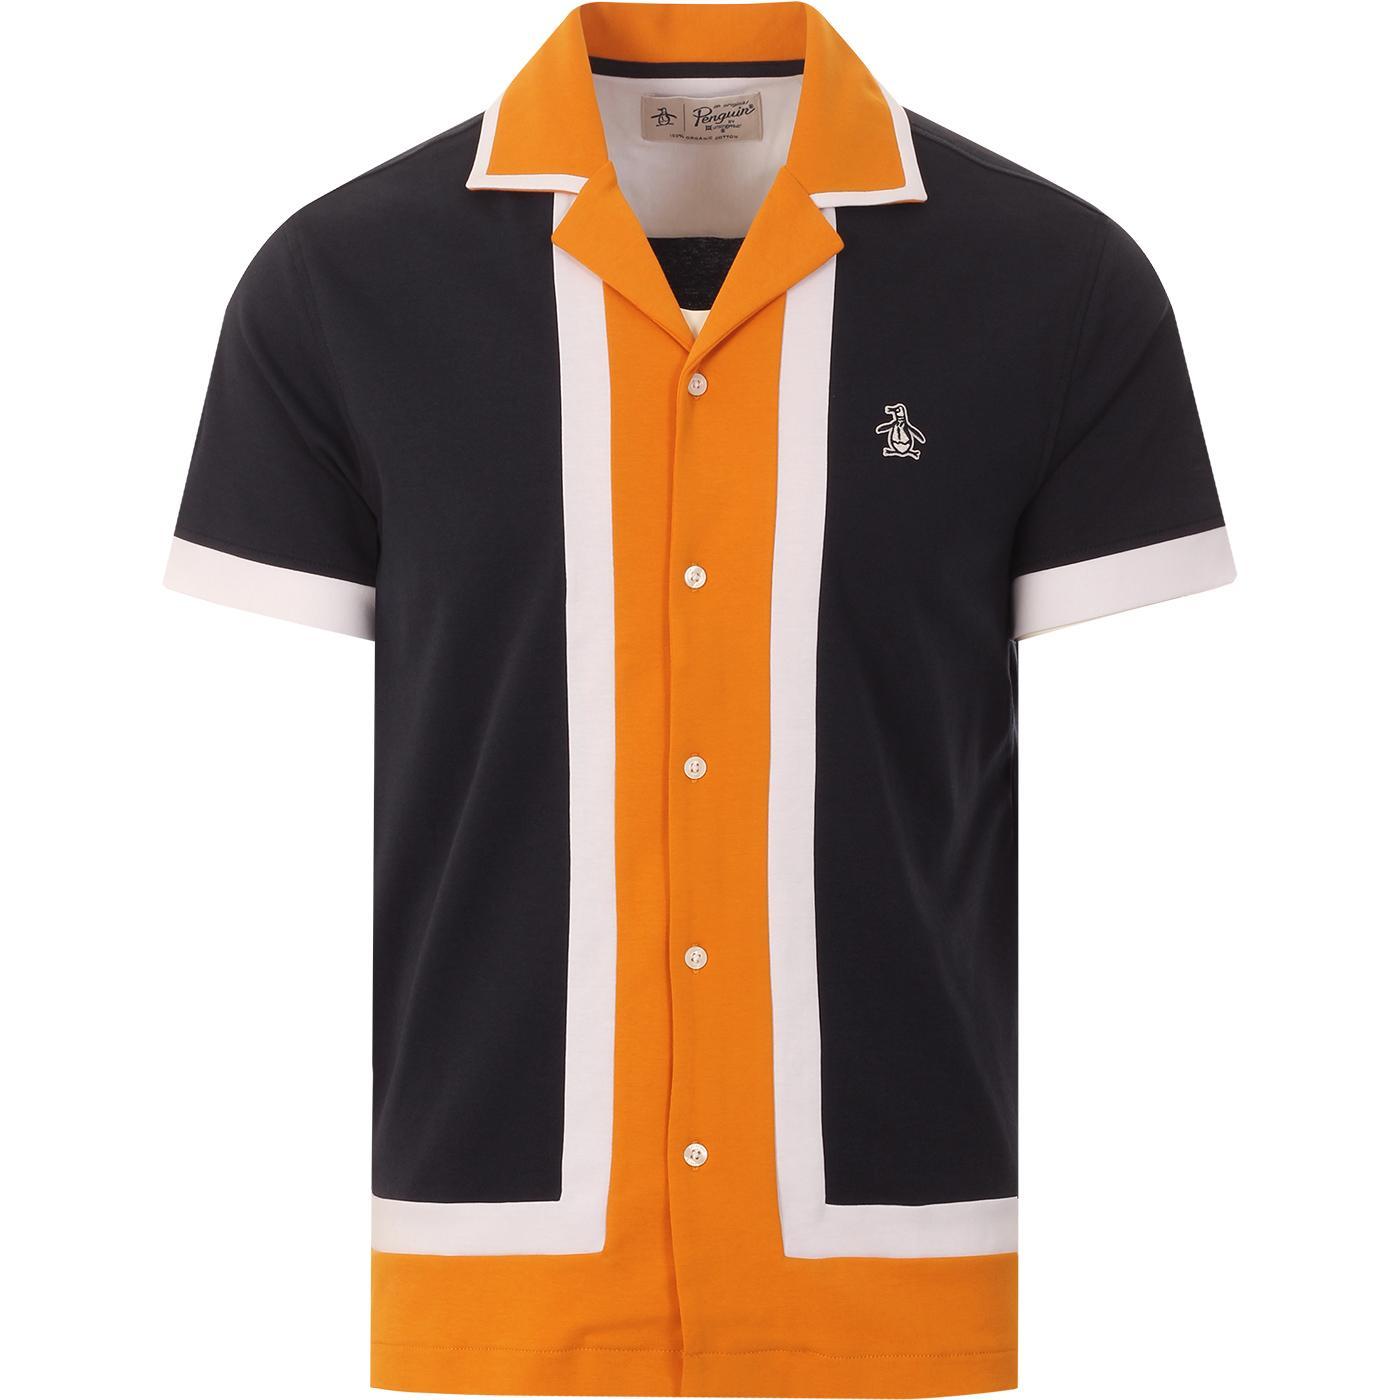 ORIGINAL PENGUIN Retro 50s Americana Bowling Shirt